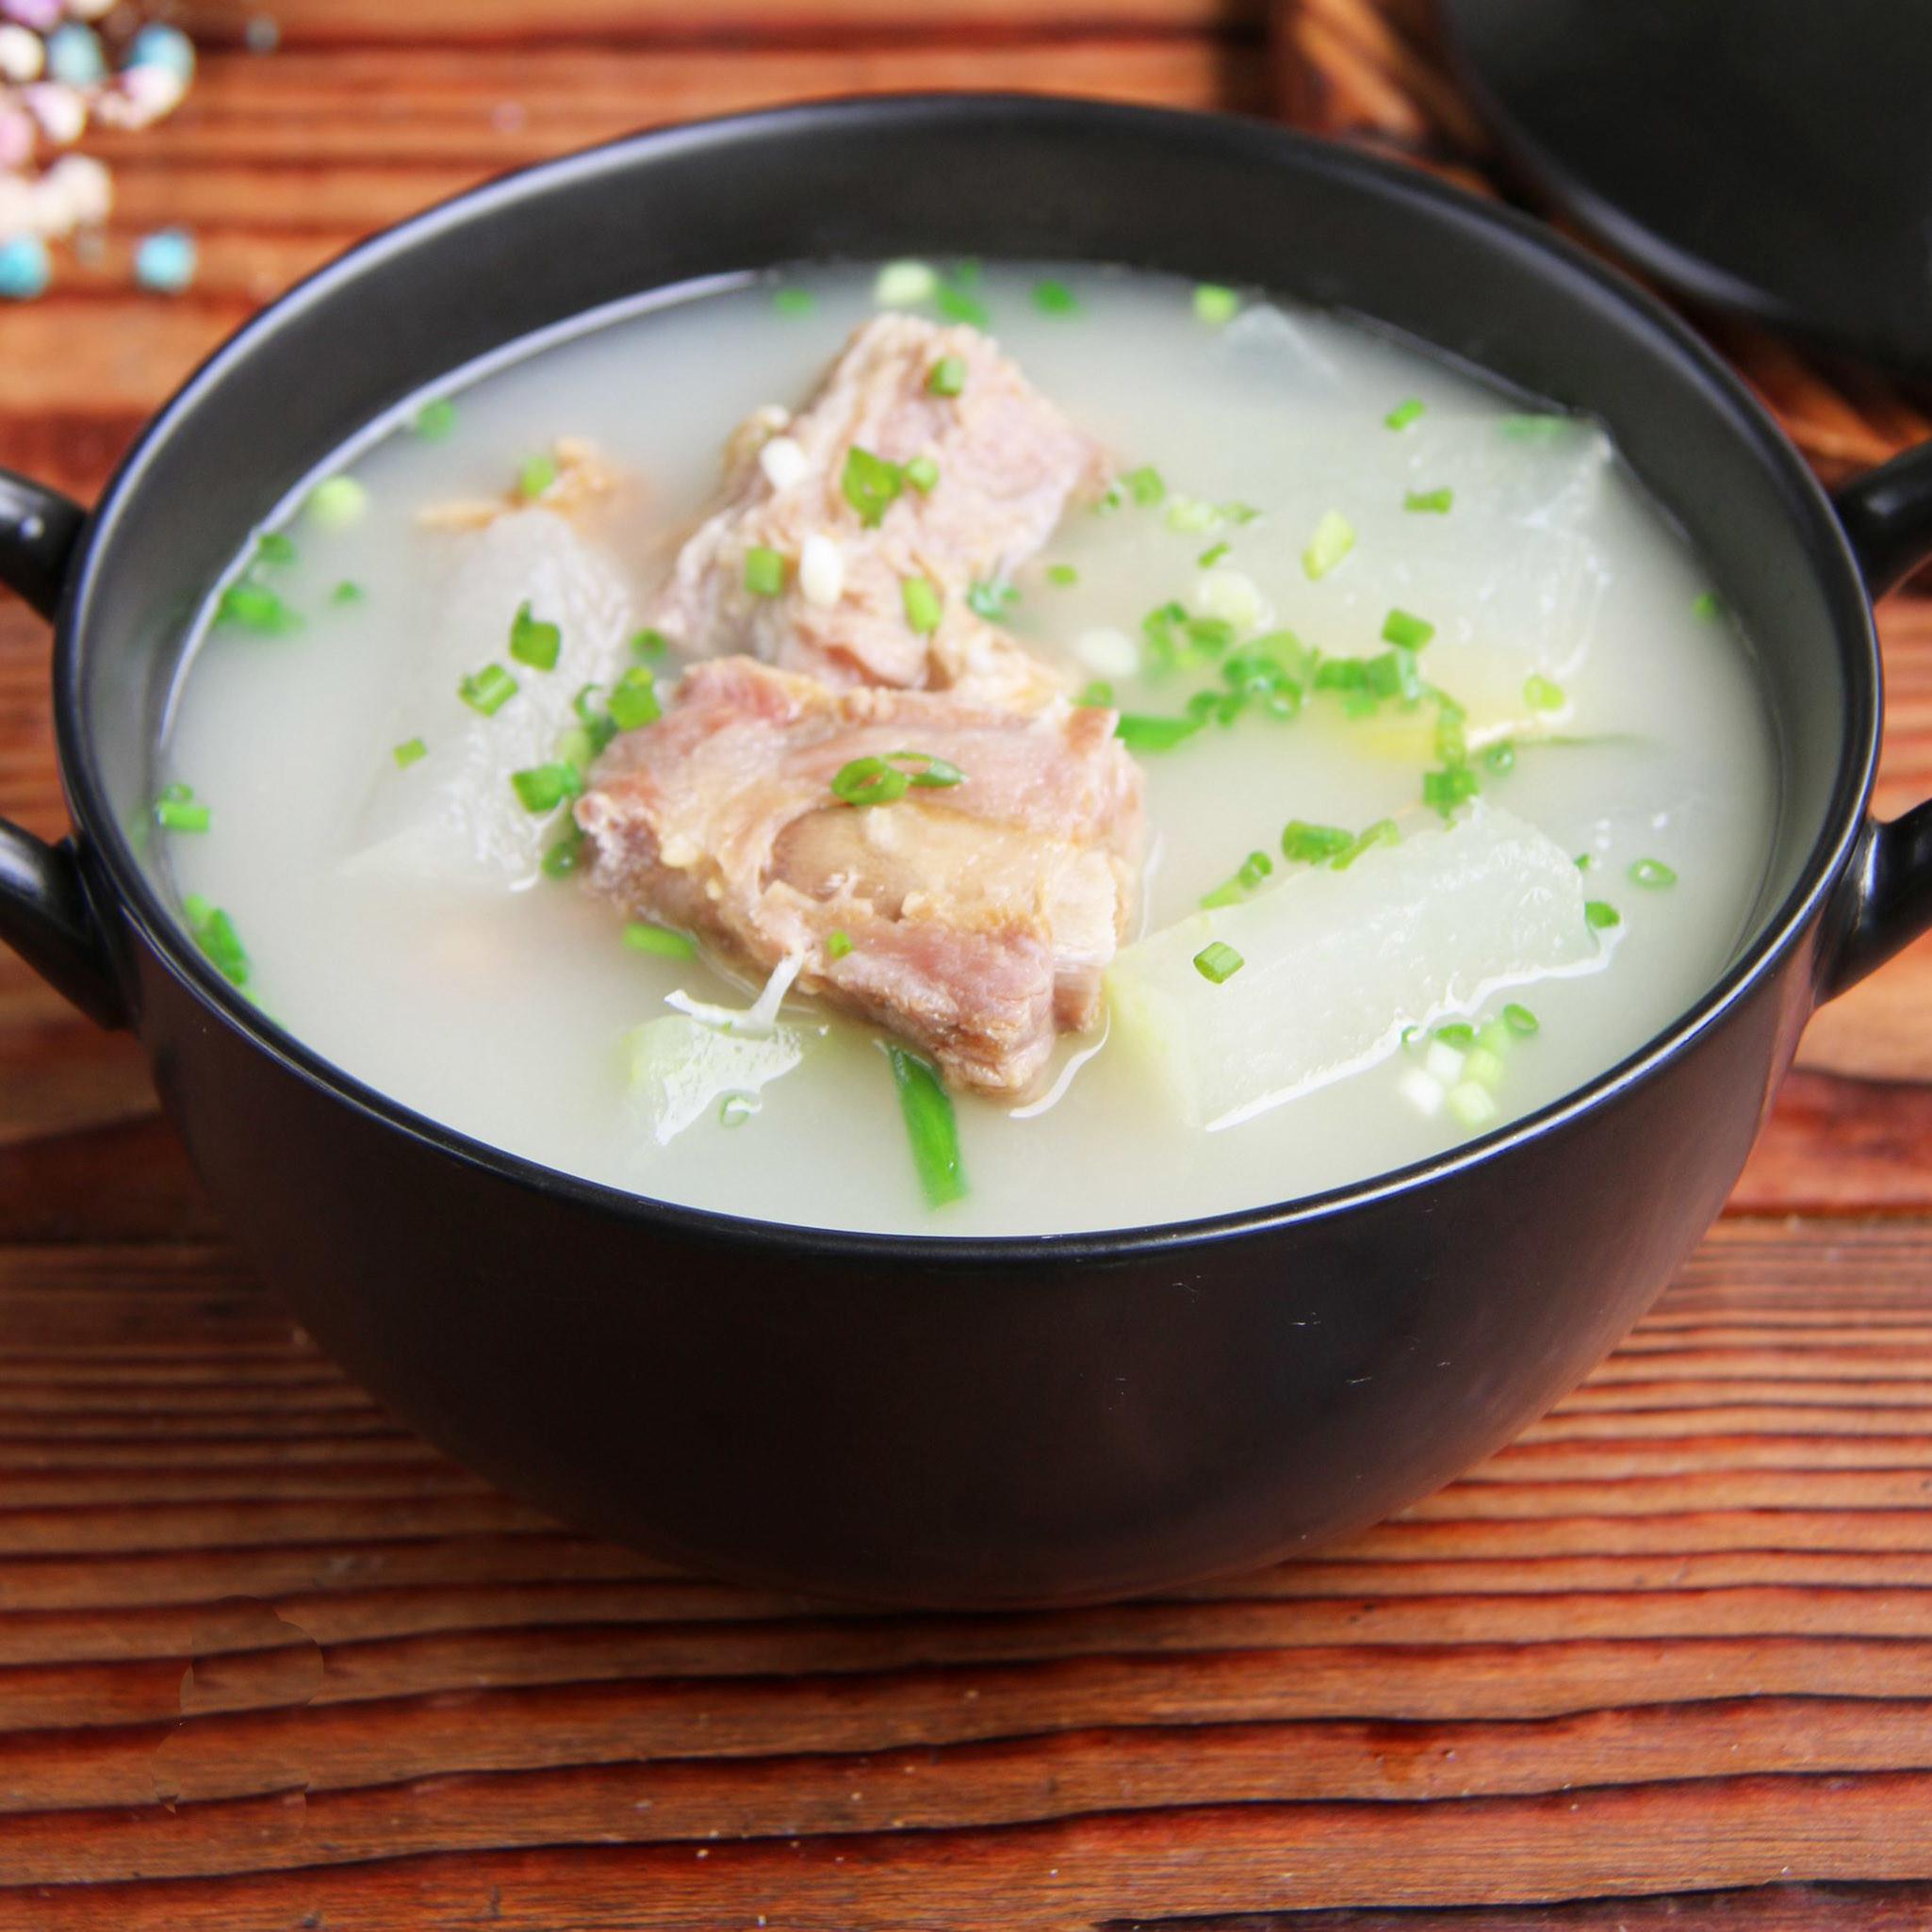 开胃|咸肋排冬瓜汤